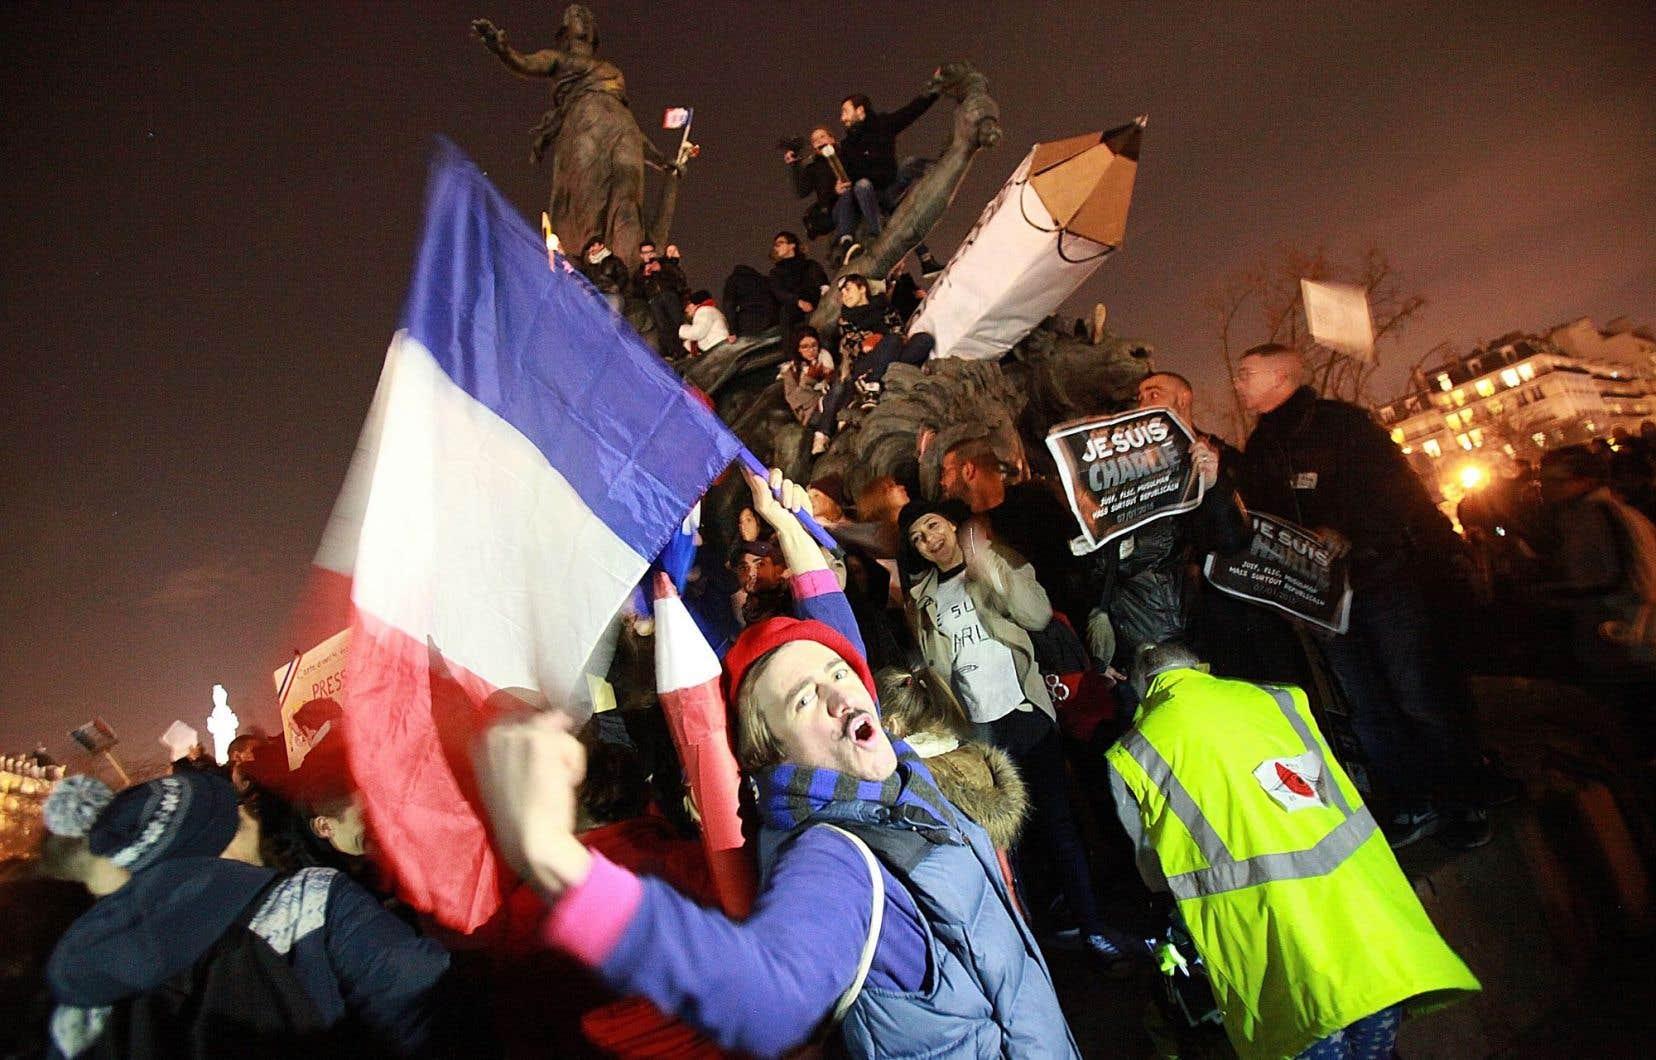 À Paris, les manifestants se sont réunis place de la République, certains prenant d'assaut le monument représentant Marianne.